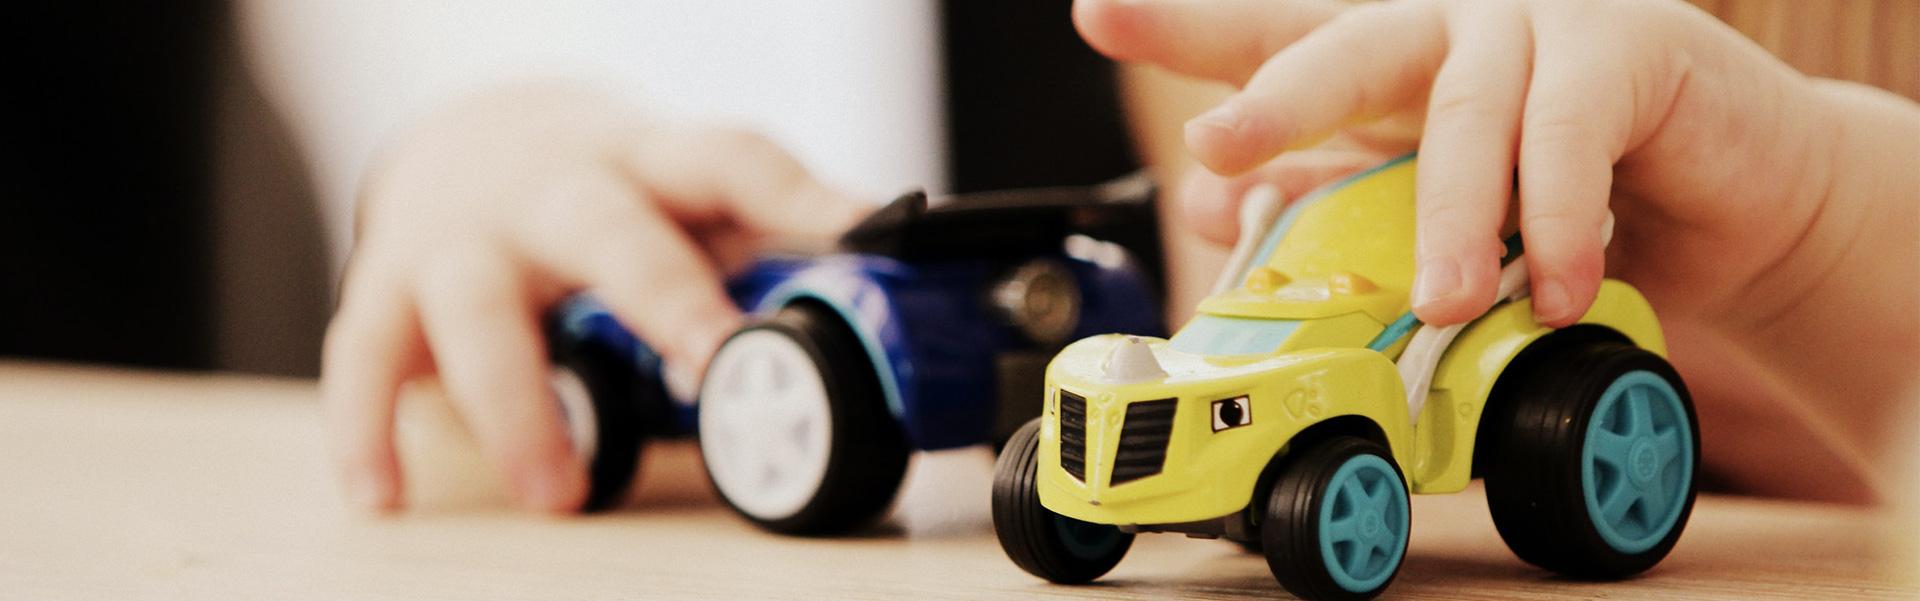 Jouets voiture pour enfants et prix de la crèche